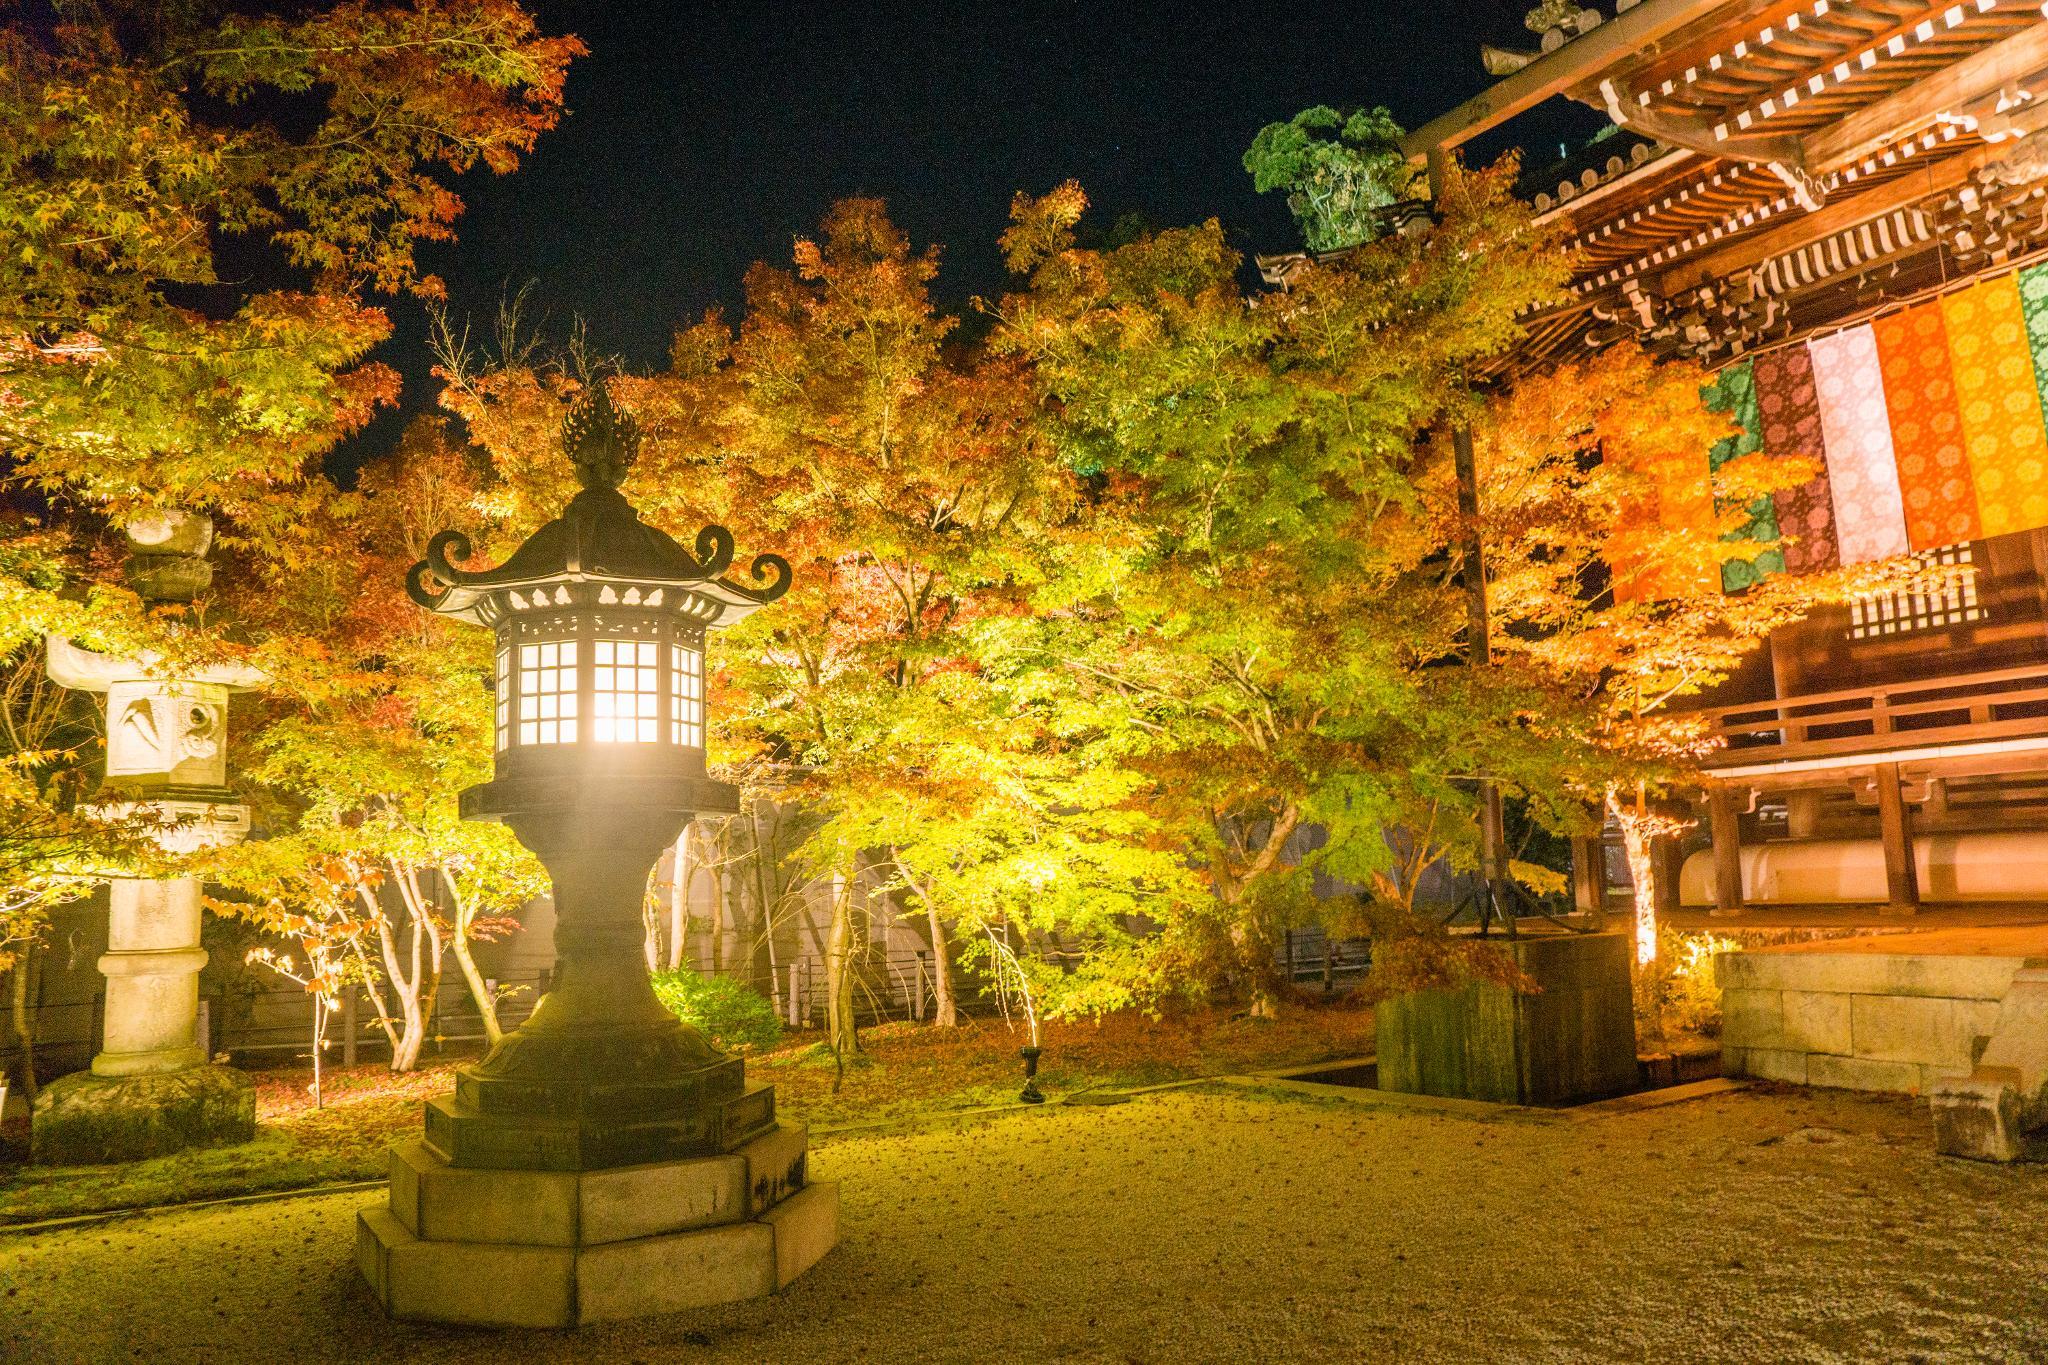 【京都】此生必來的紅葉狩絕景 - 永觀堂夜楓 121